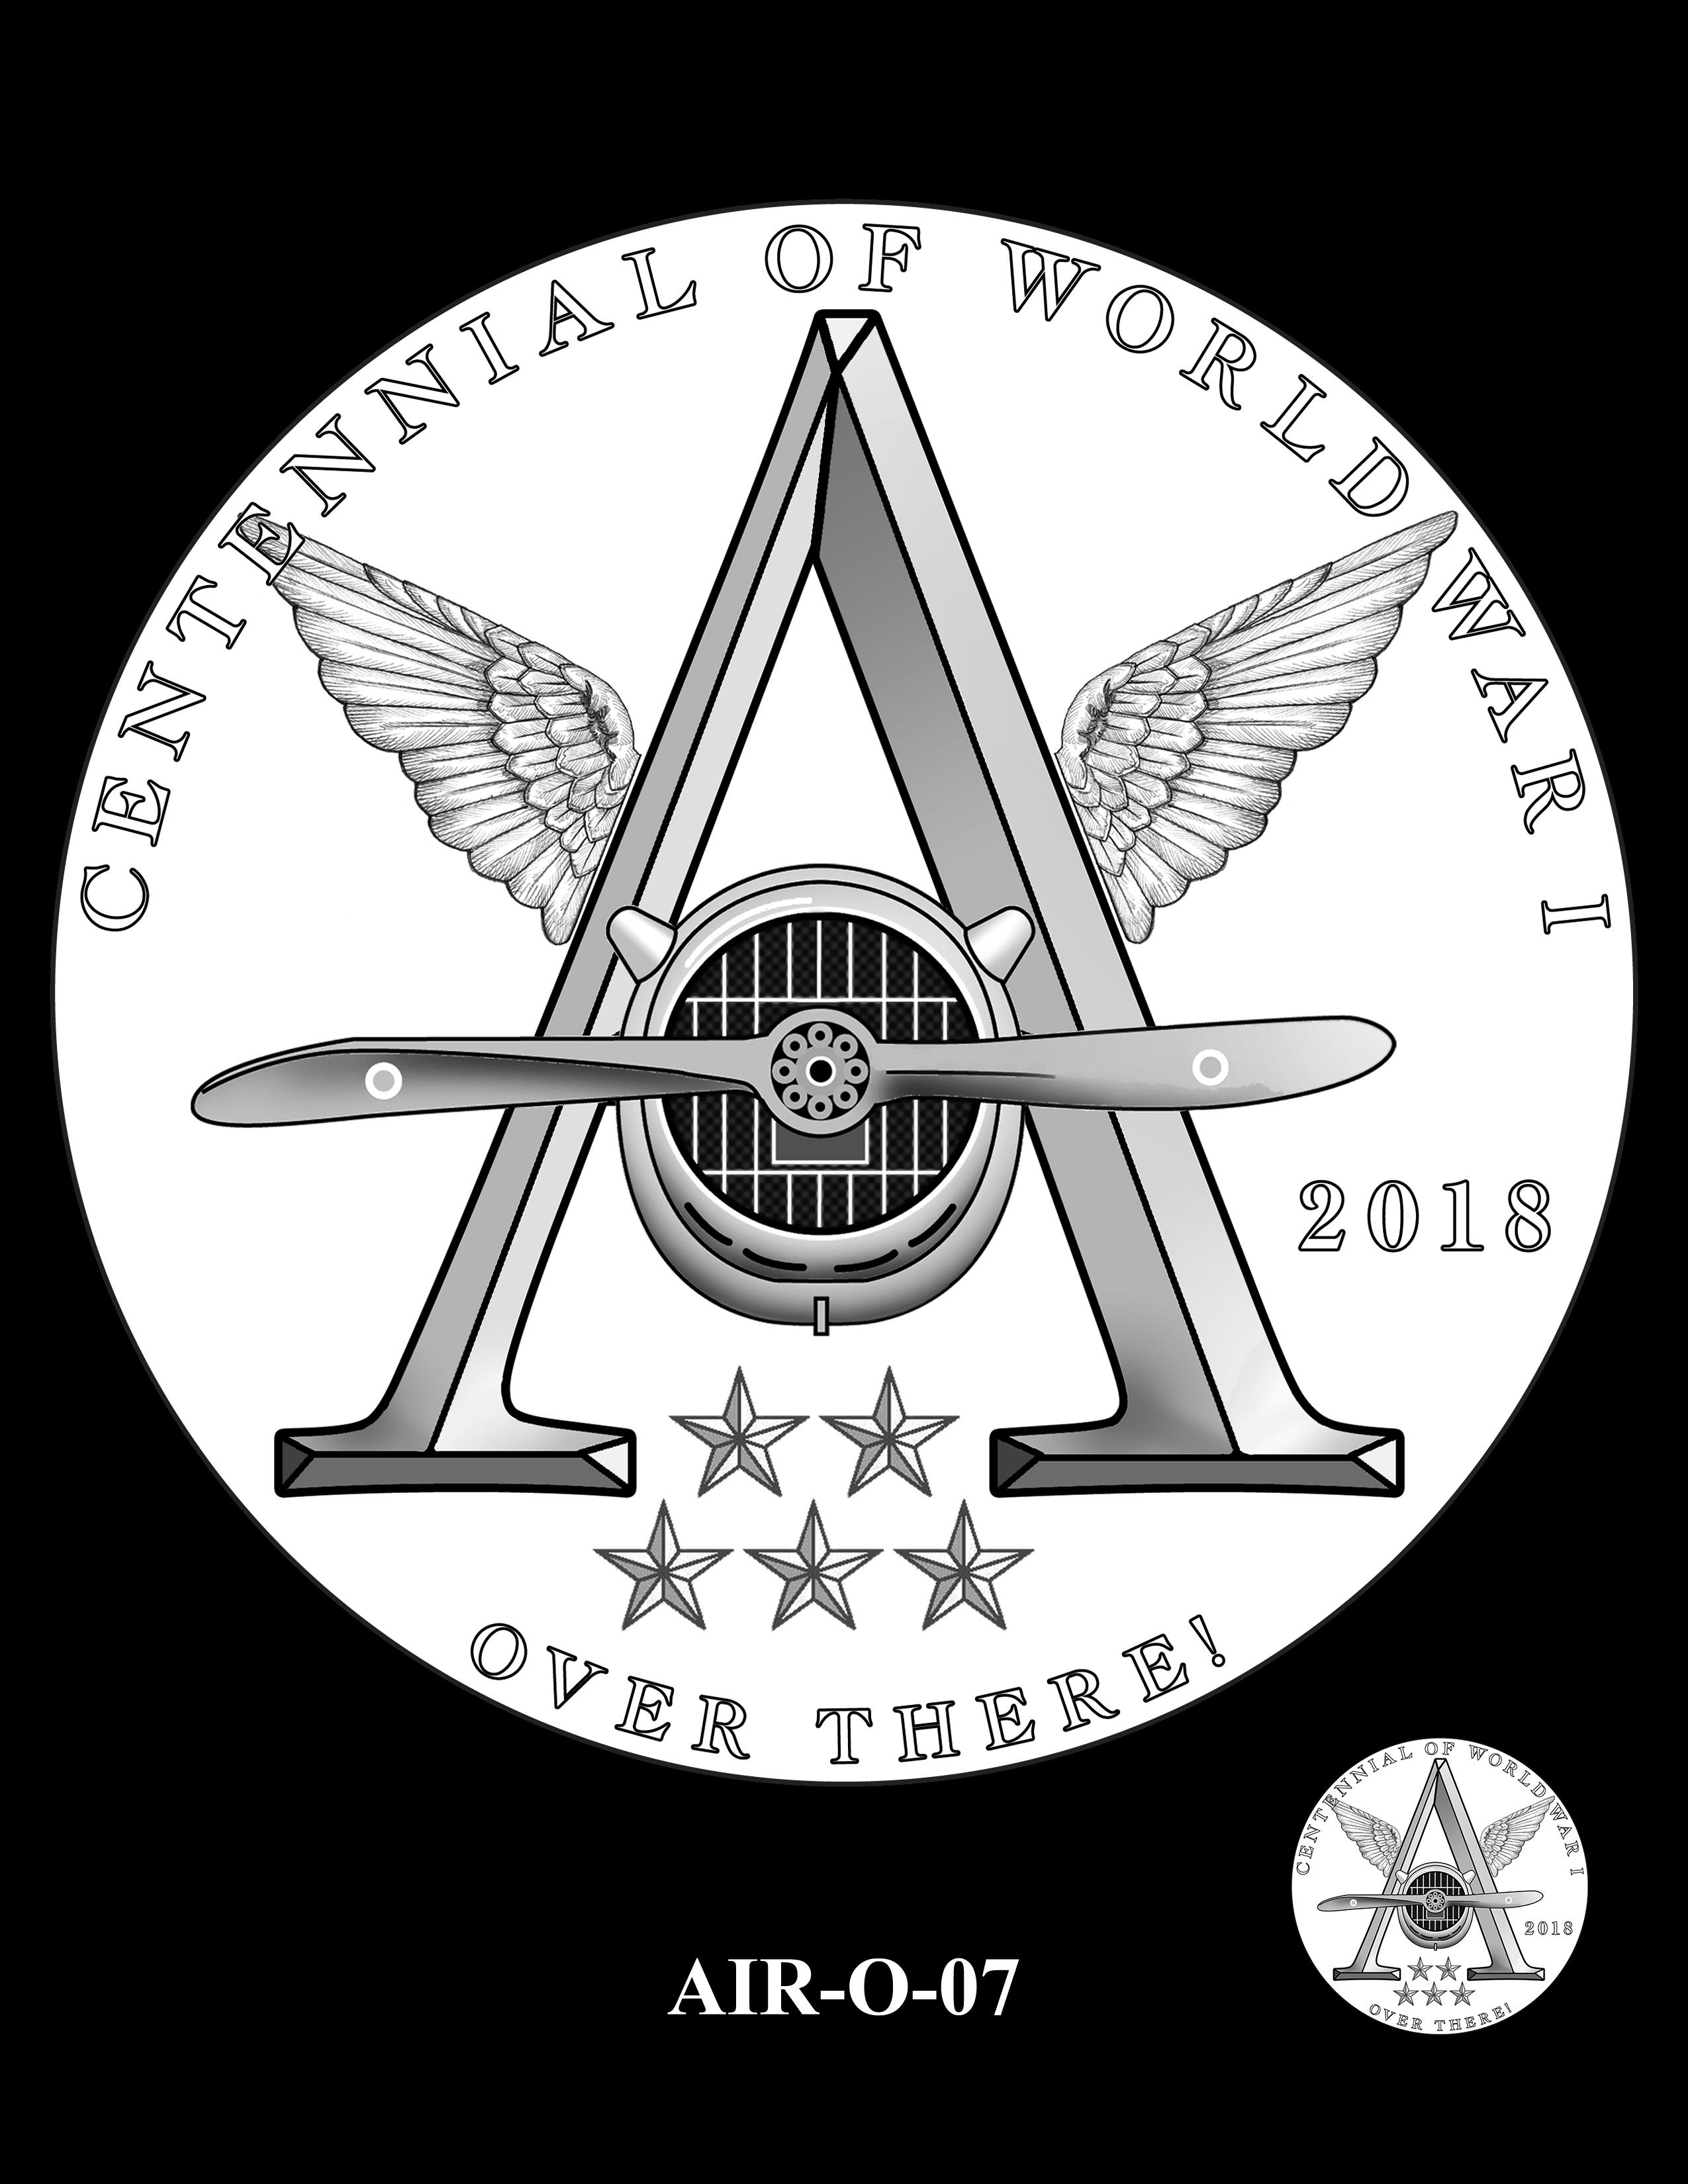 P1-AIR-O-07 -- 2018-World War I Silver Medals - Air Service